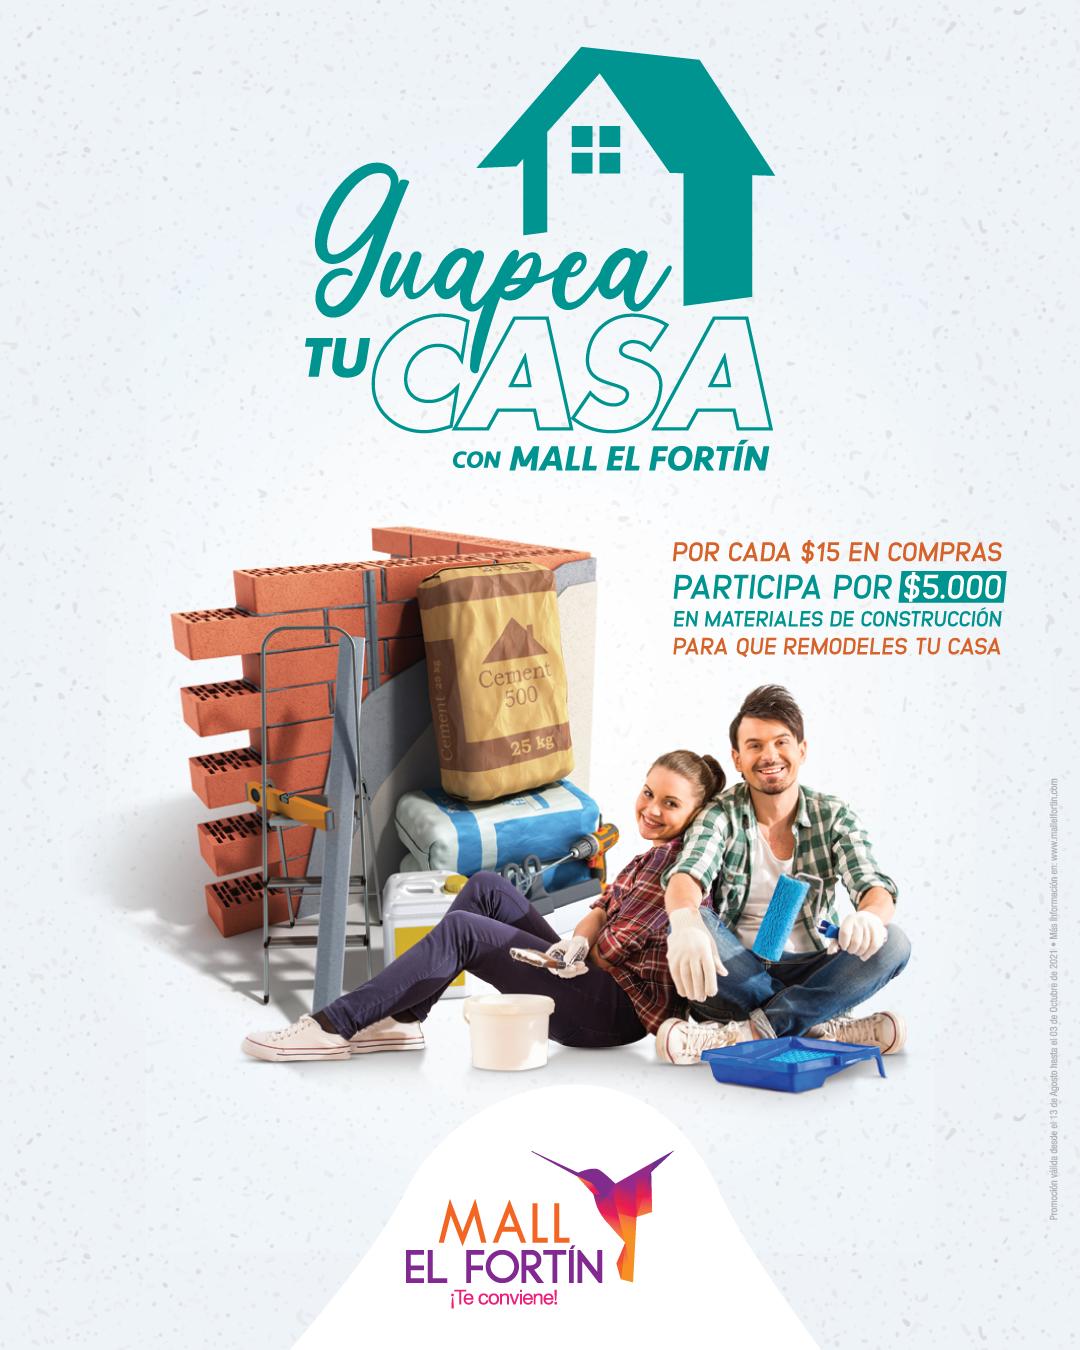 GUAPEA TU CASA DESDE EL 13/08/2021 HASTA EL 03/10/2021